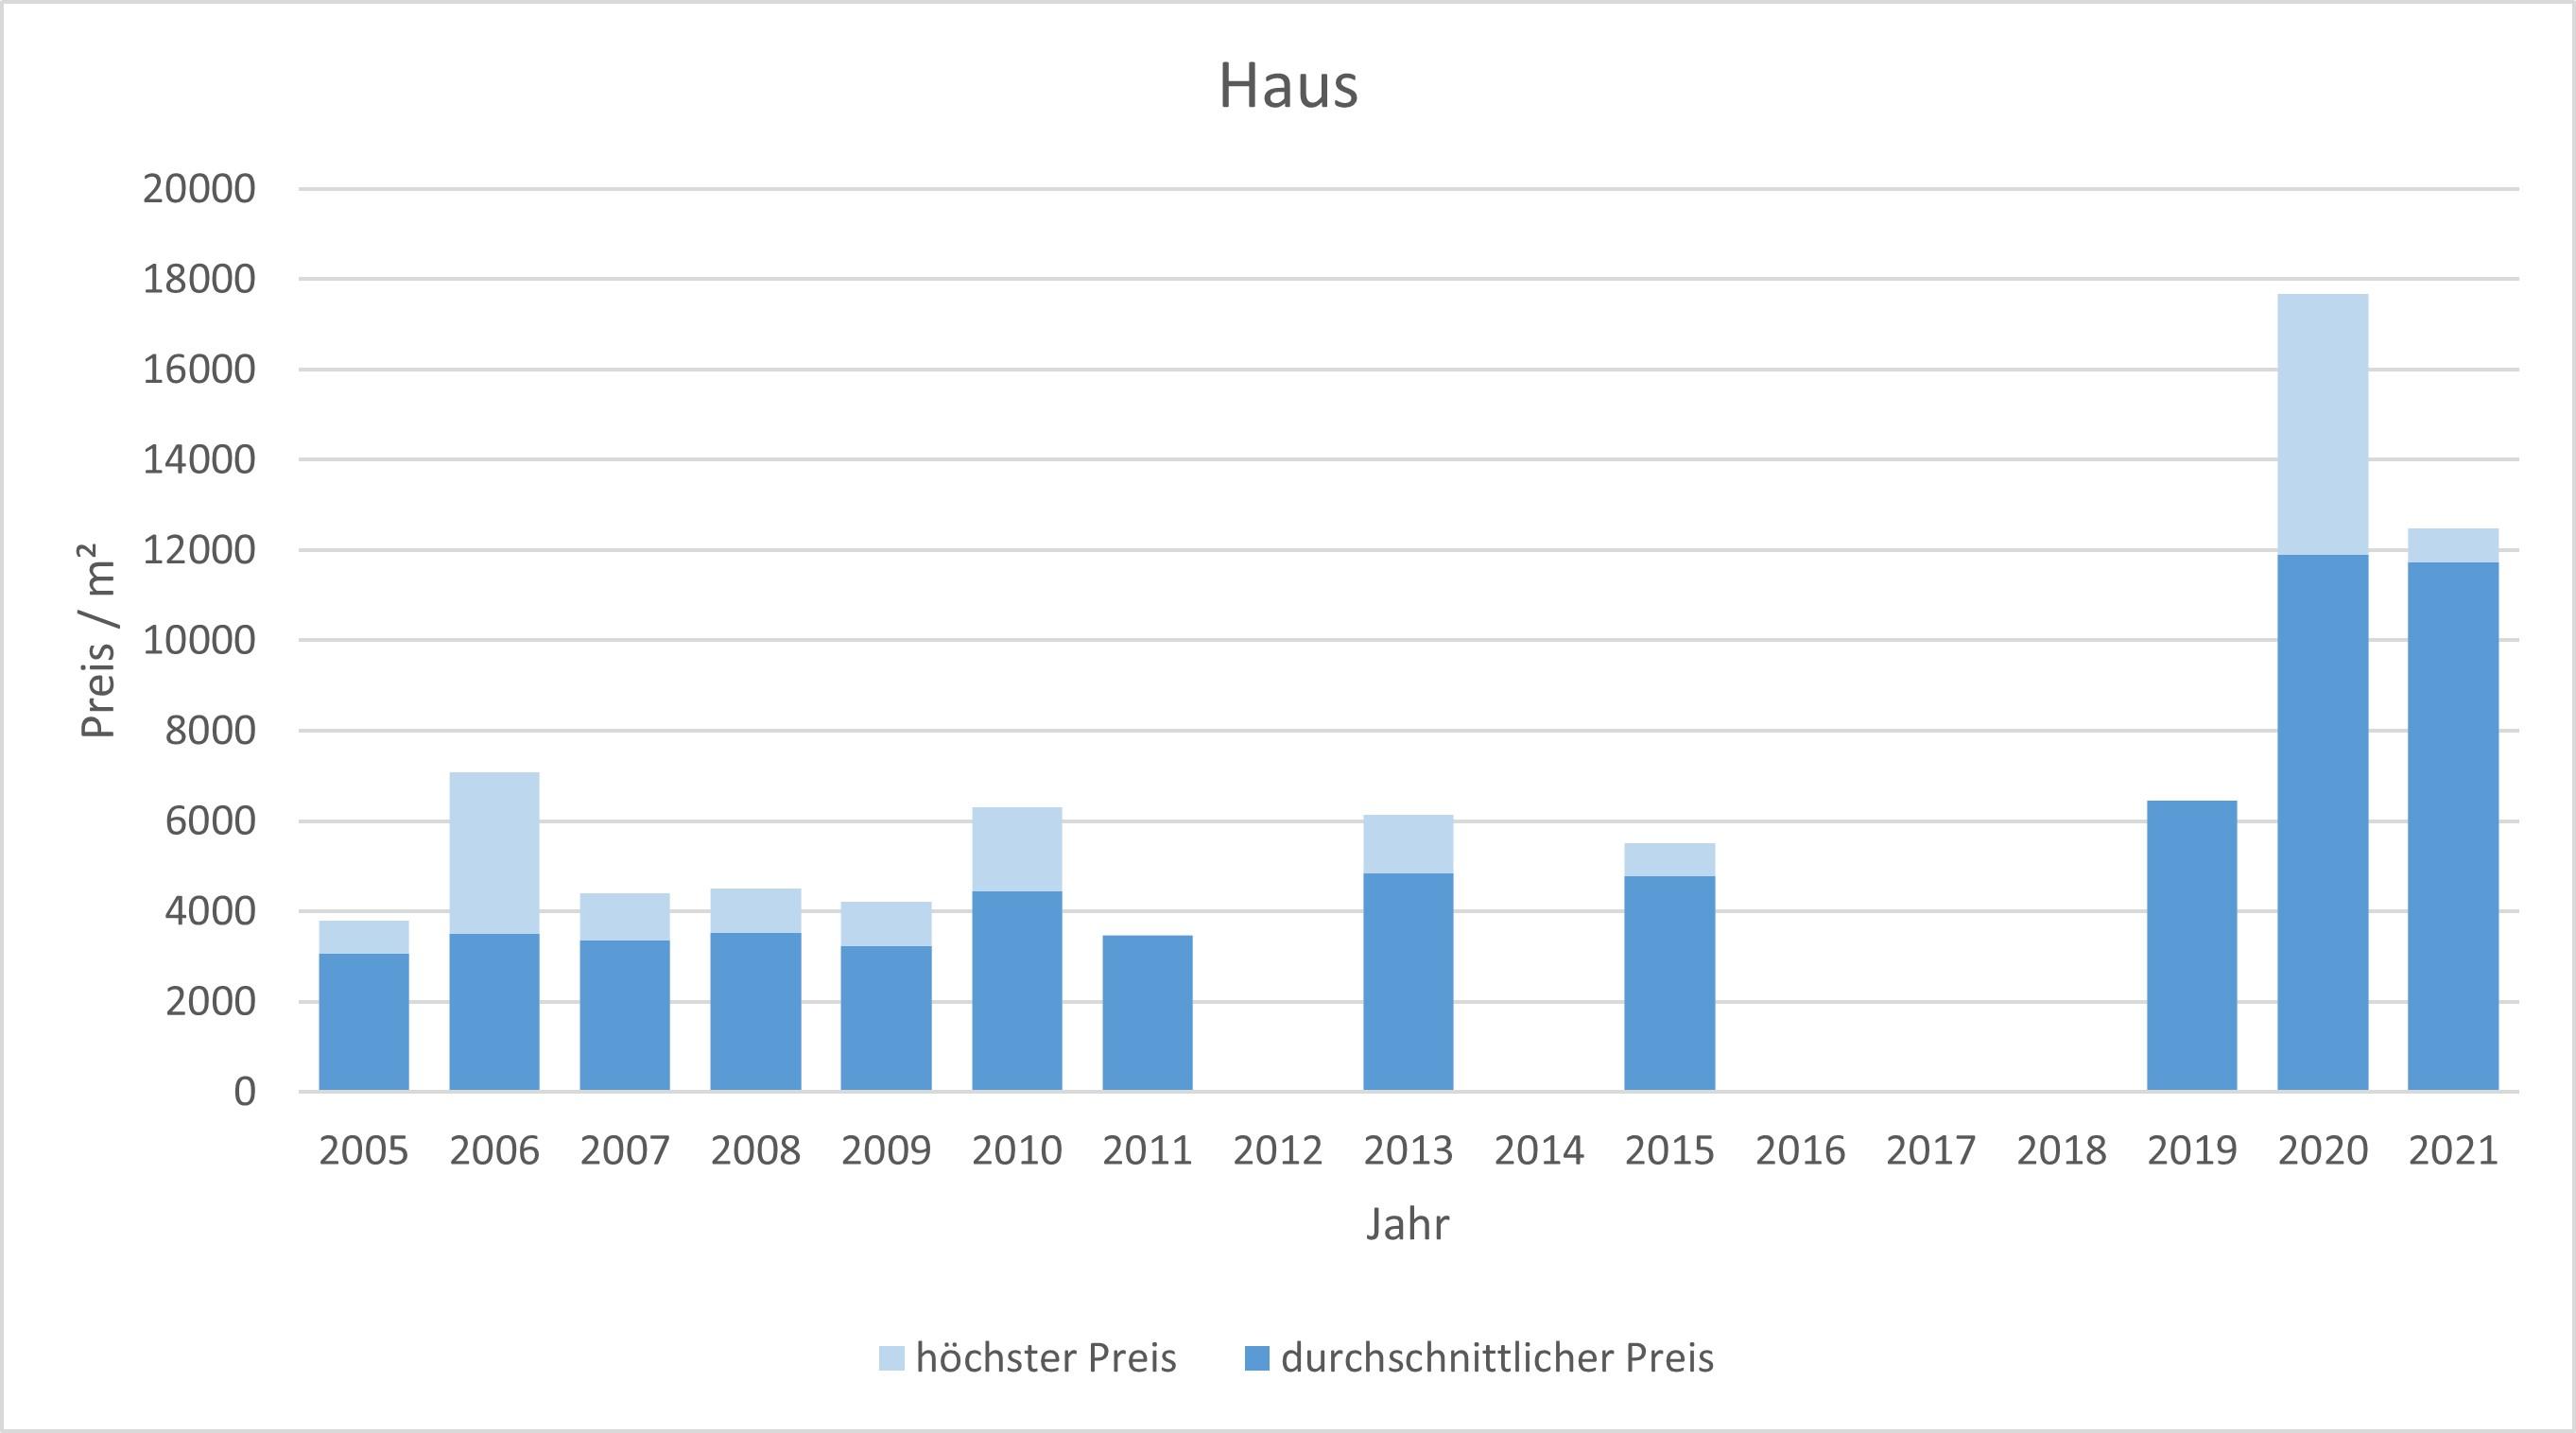 München - Englschalking Haus kaufen verkaufen Preis Bewertung Makler 2019 2020 2021 www.happy-immo.de